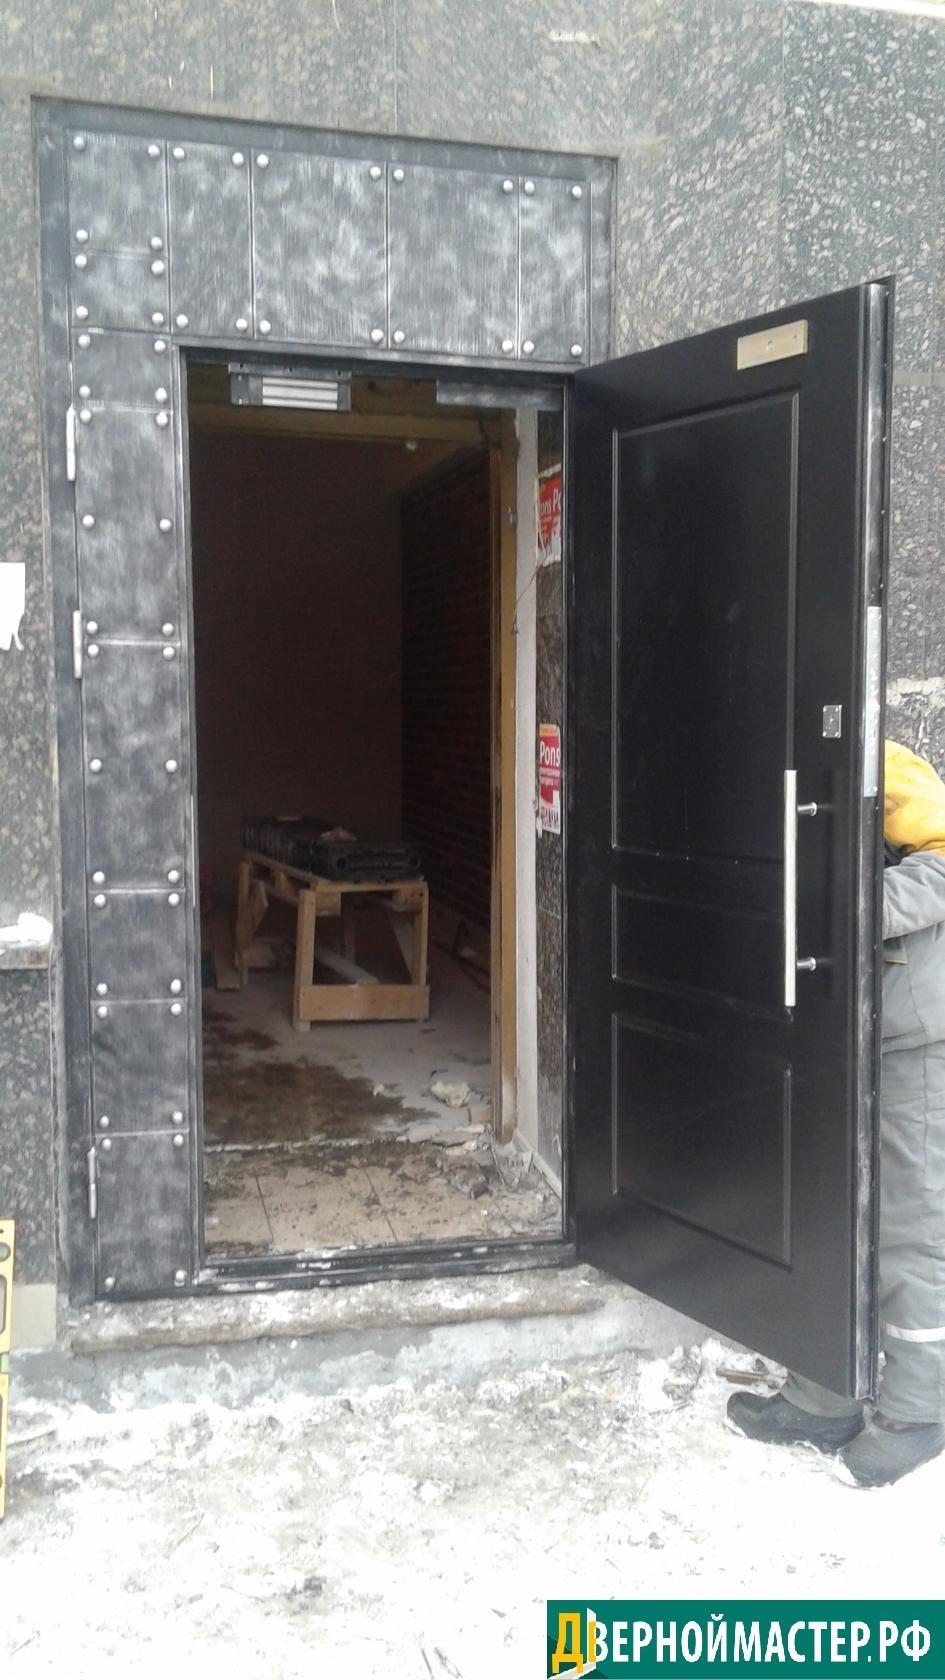 Нестандартная утепленная входная дверь с отделкой МДФ изнутри, с наружной стороны отделка стальными листами с патиной и клепками, стиль техно